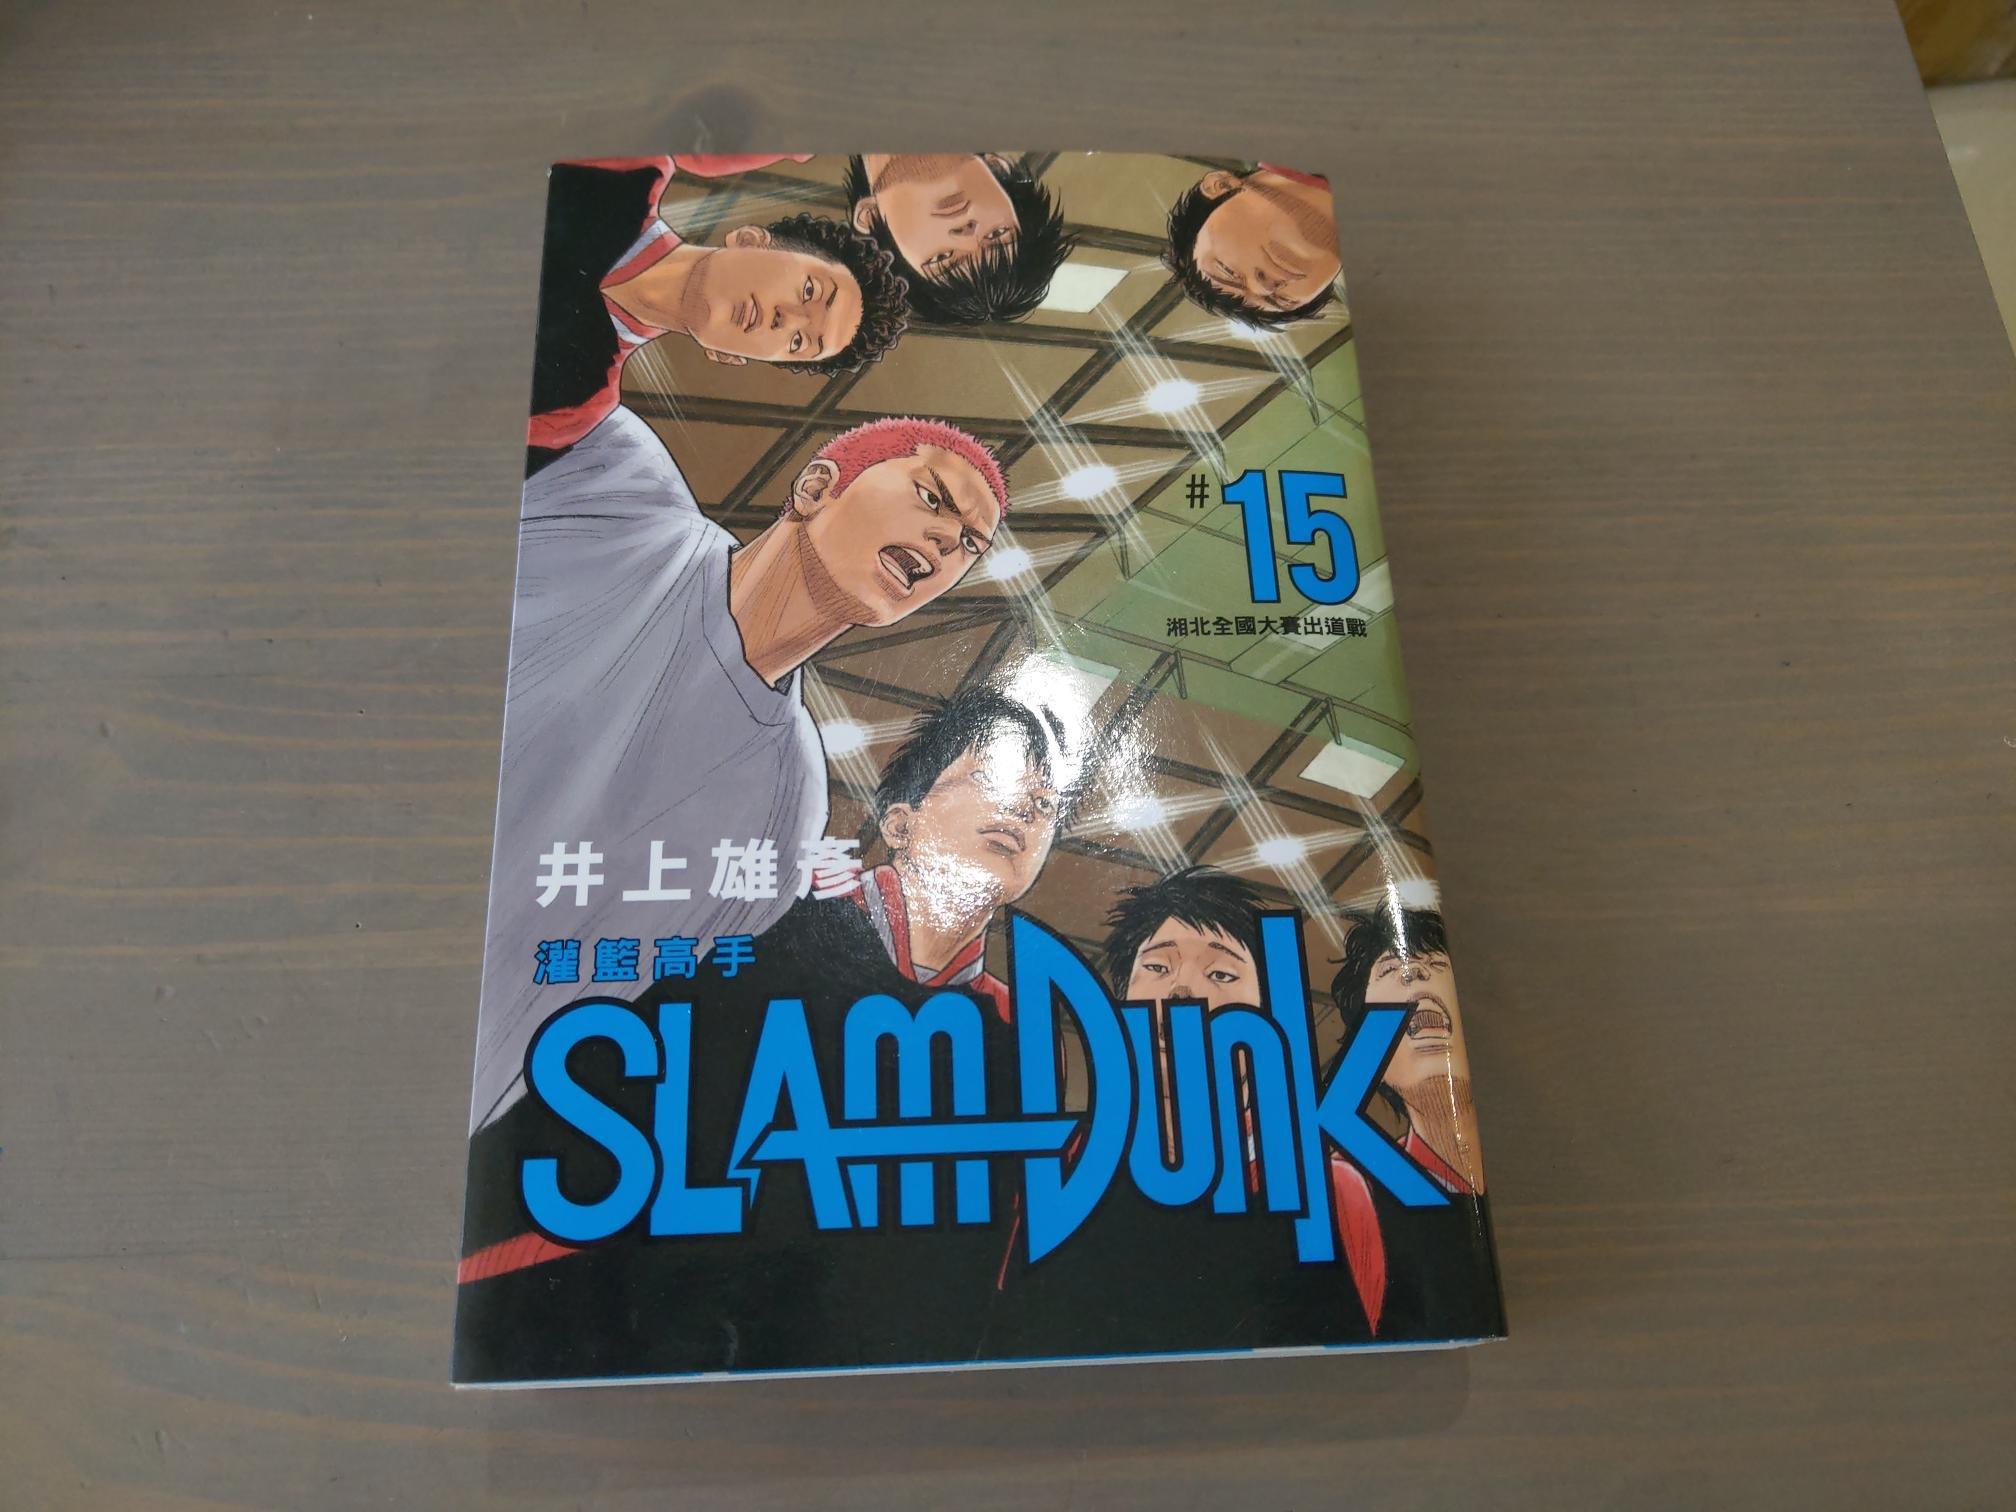 灌籃高手 新裝再編版 #15 湘北全國大賽出道戰 送全開海報(隨機)